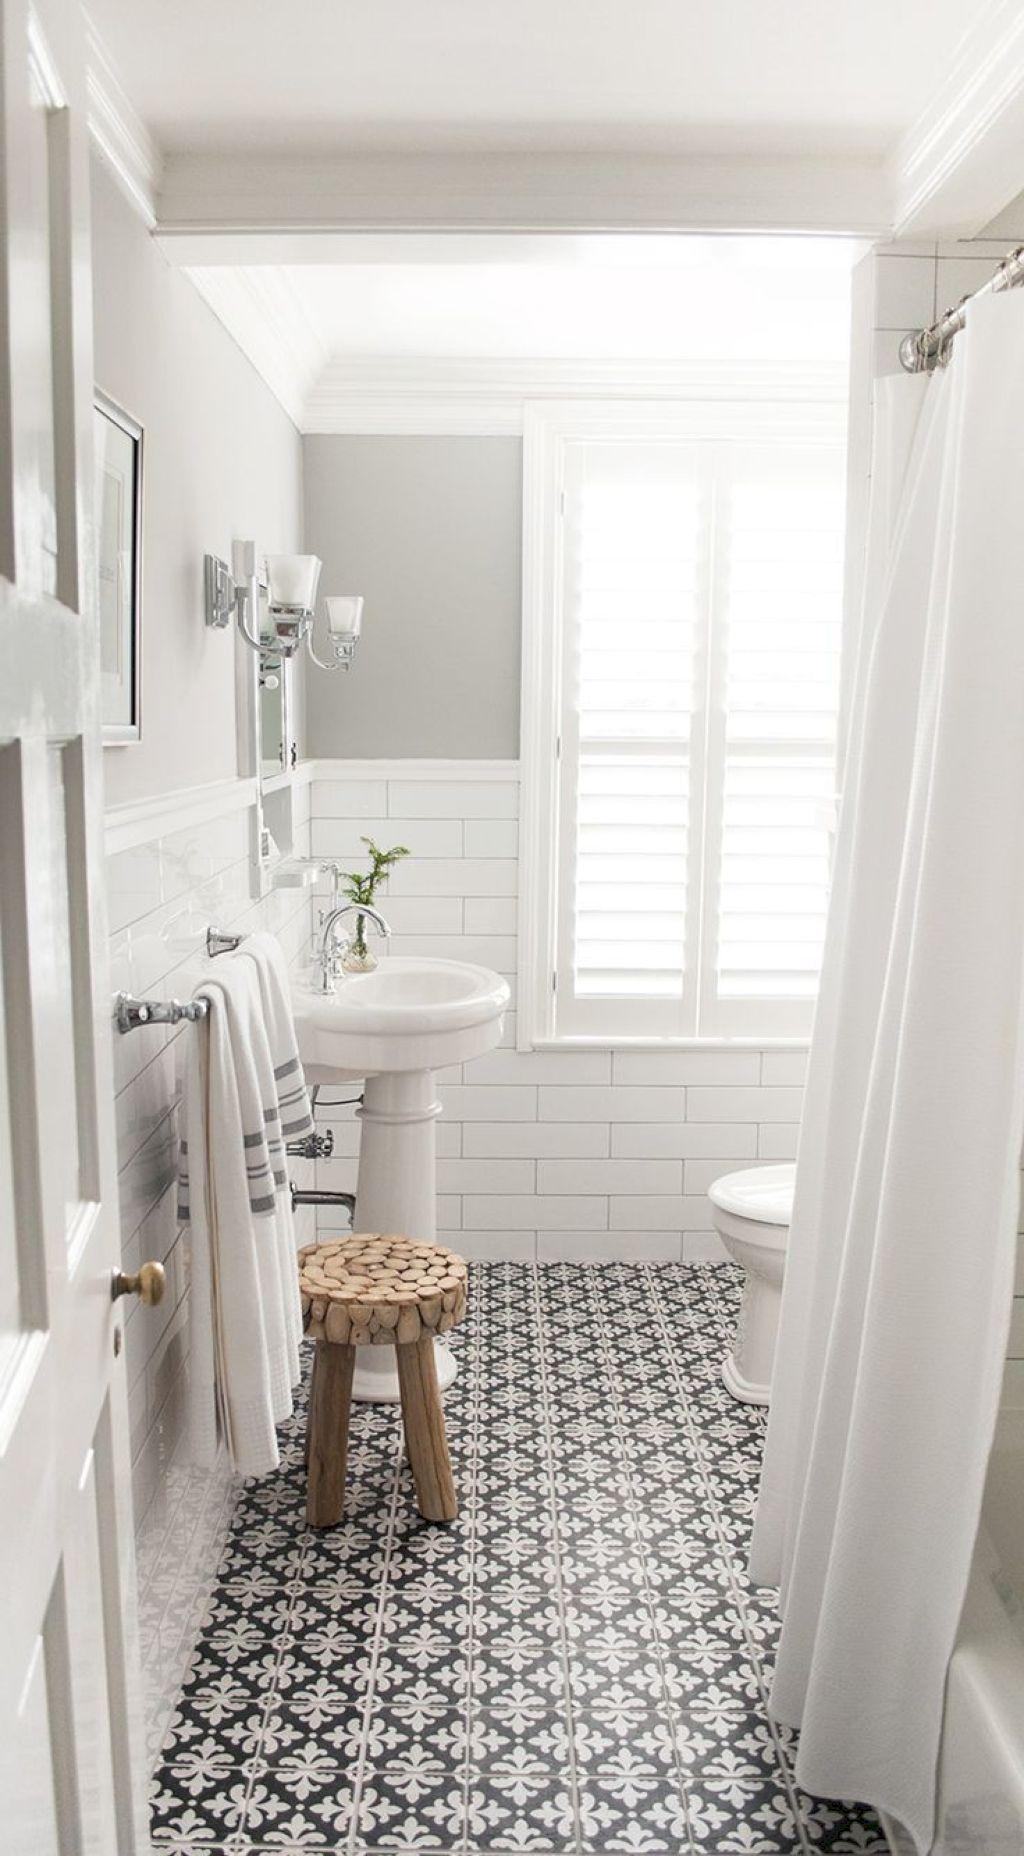 60 Small Bathroom Remodel Ideas | Small bathroom, Bath and ...